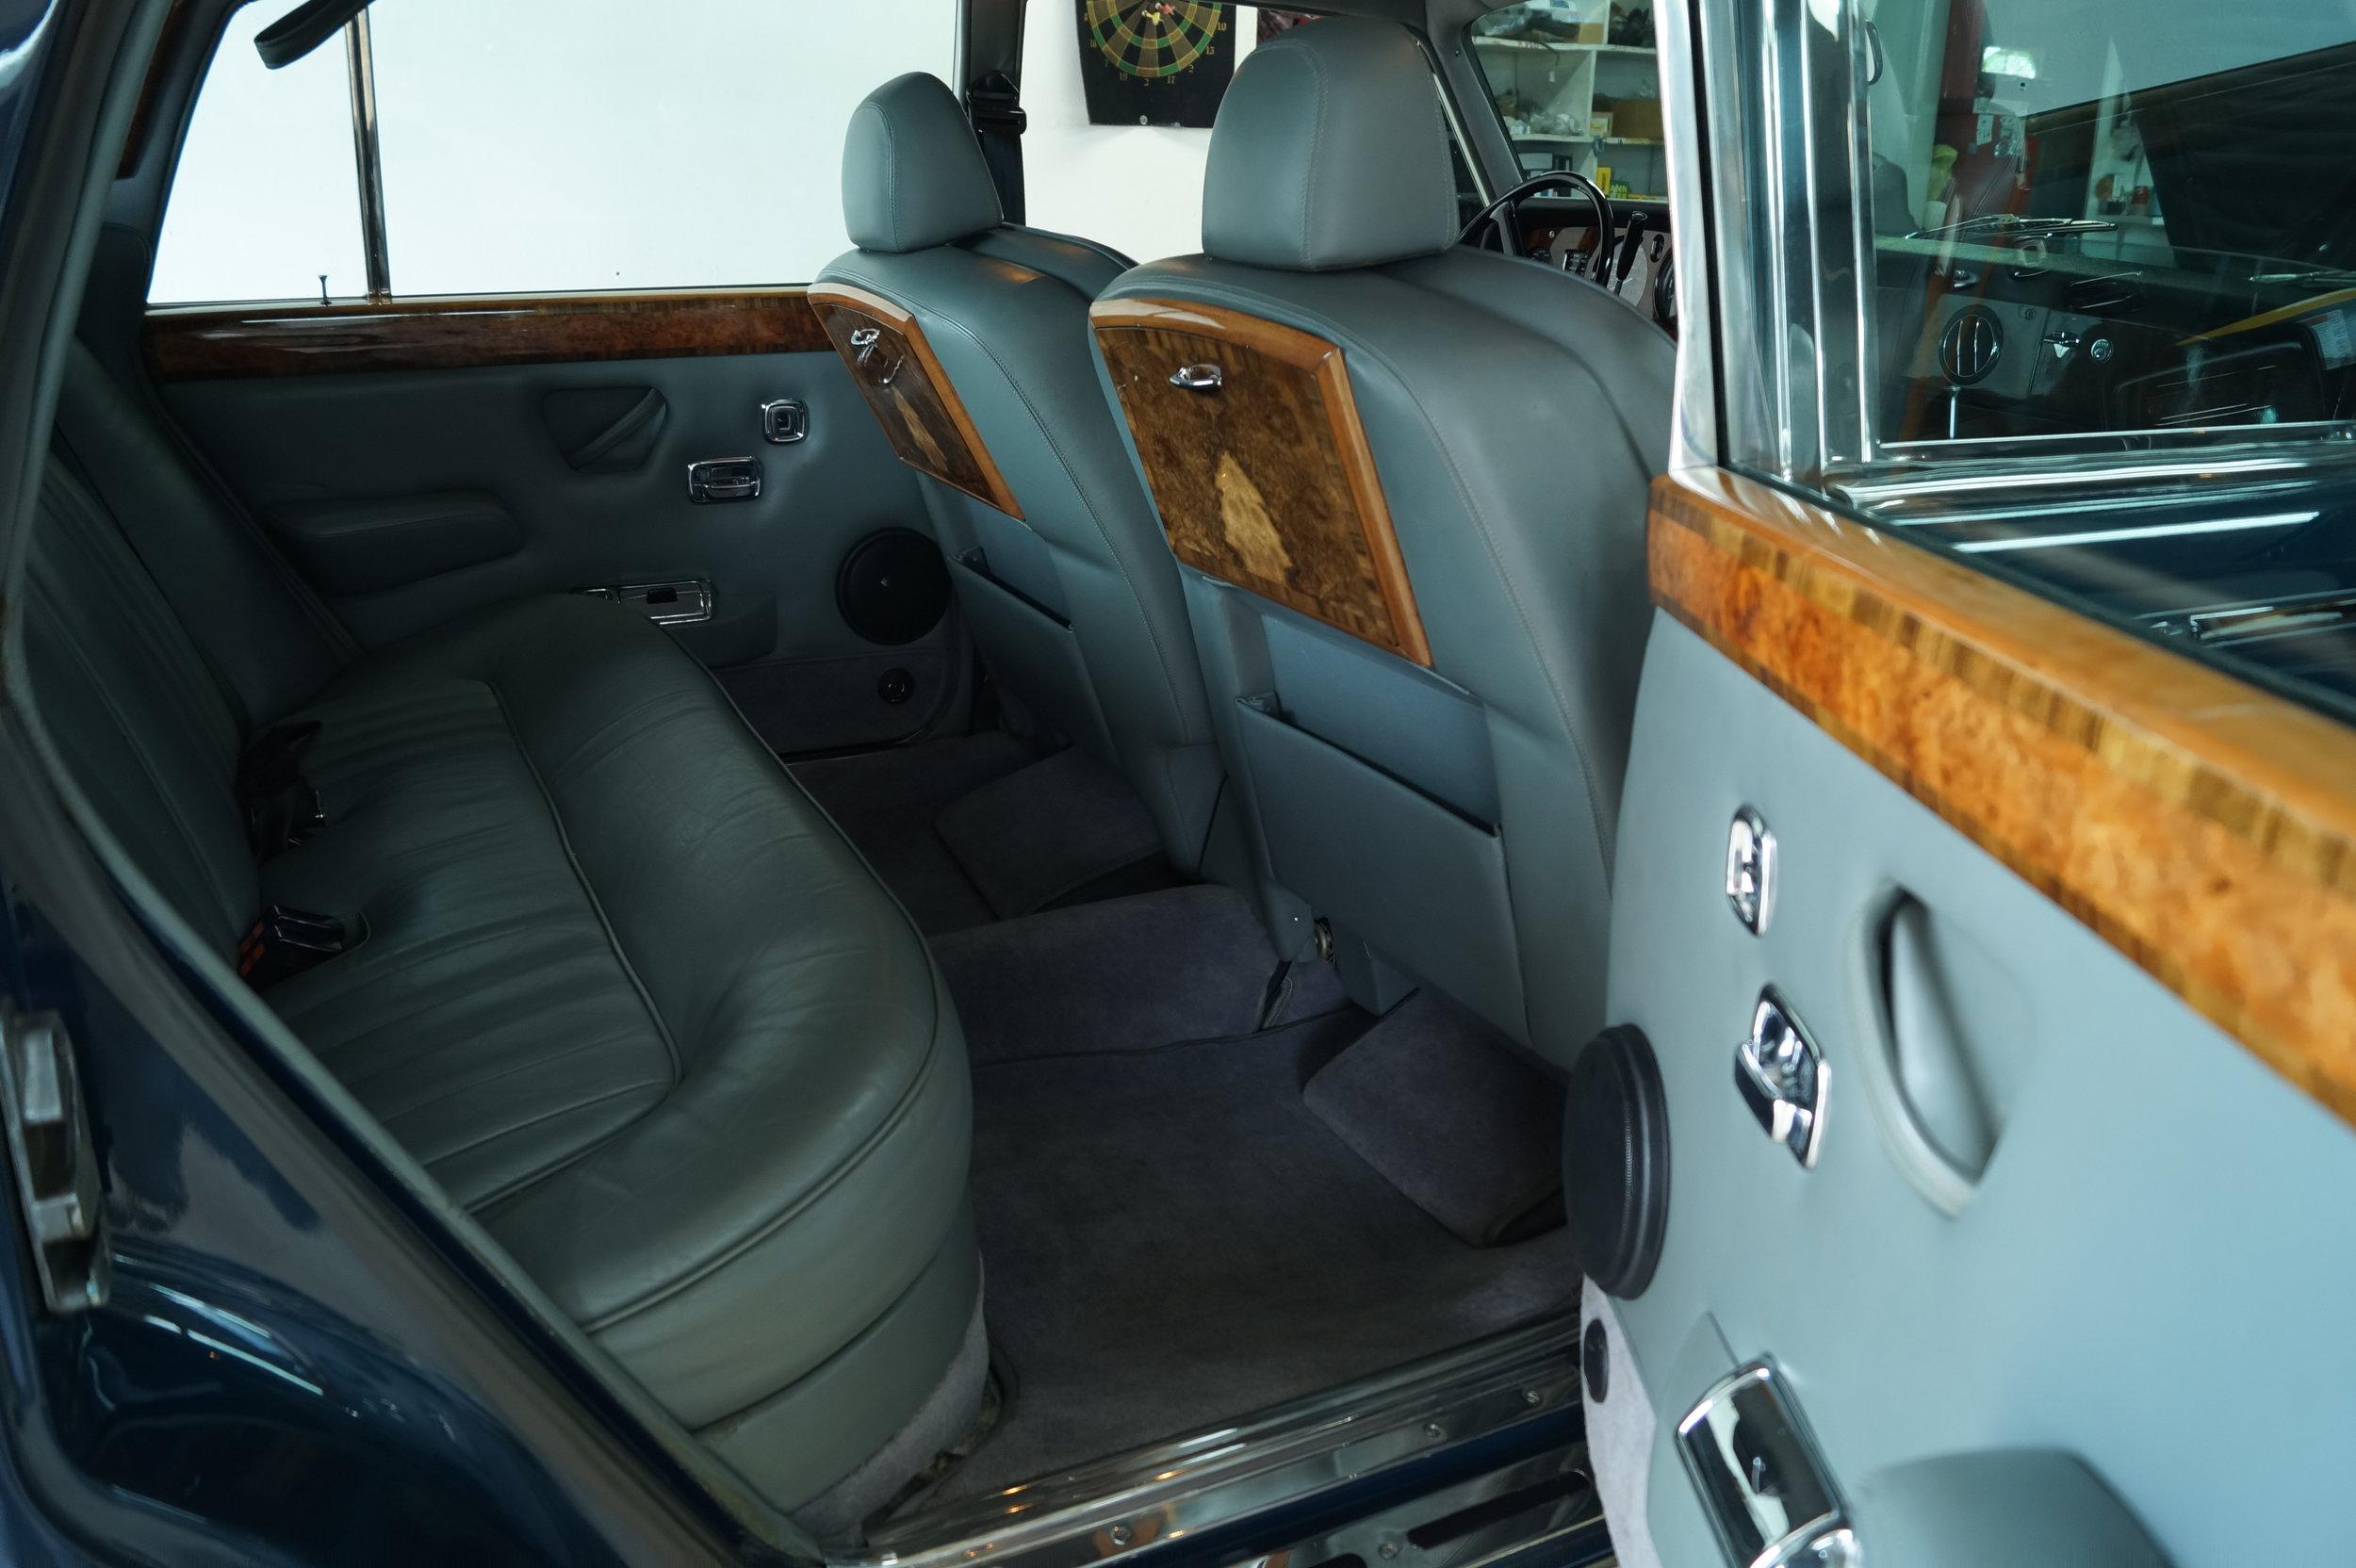 Birkshire Automobiles Britsh Car Service 1980 Rolls Royce Siver Shadow 2 (11).JPG